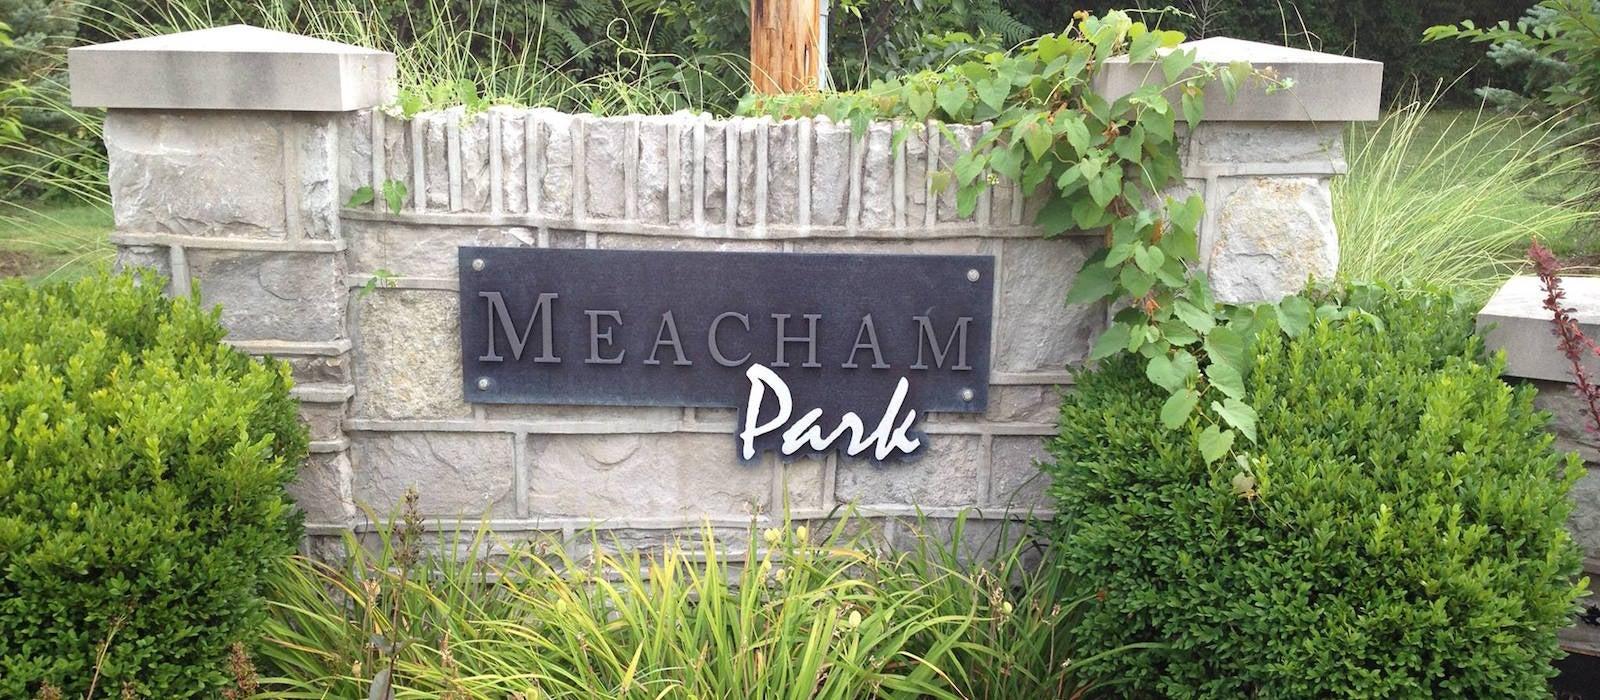 meacham-park-slide.jpg